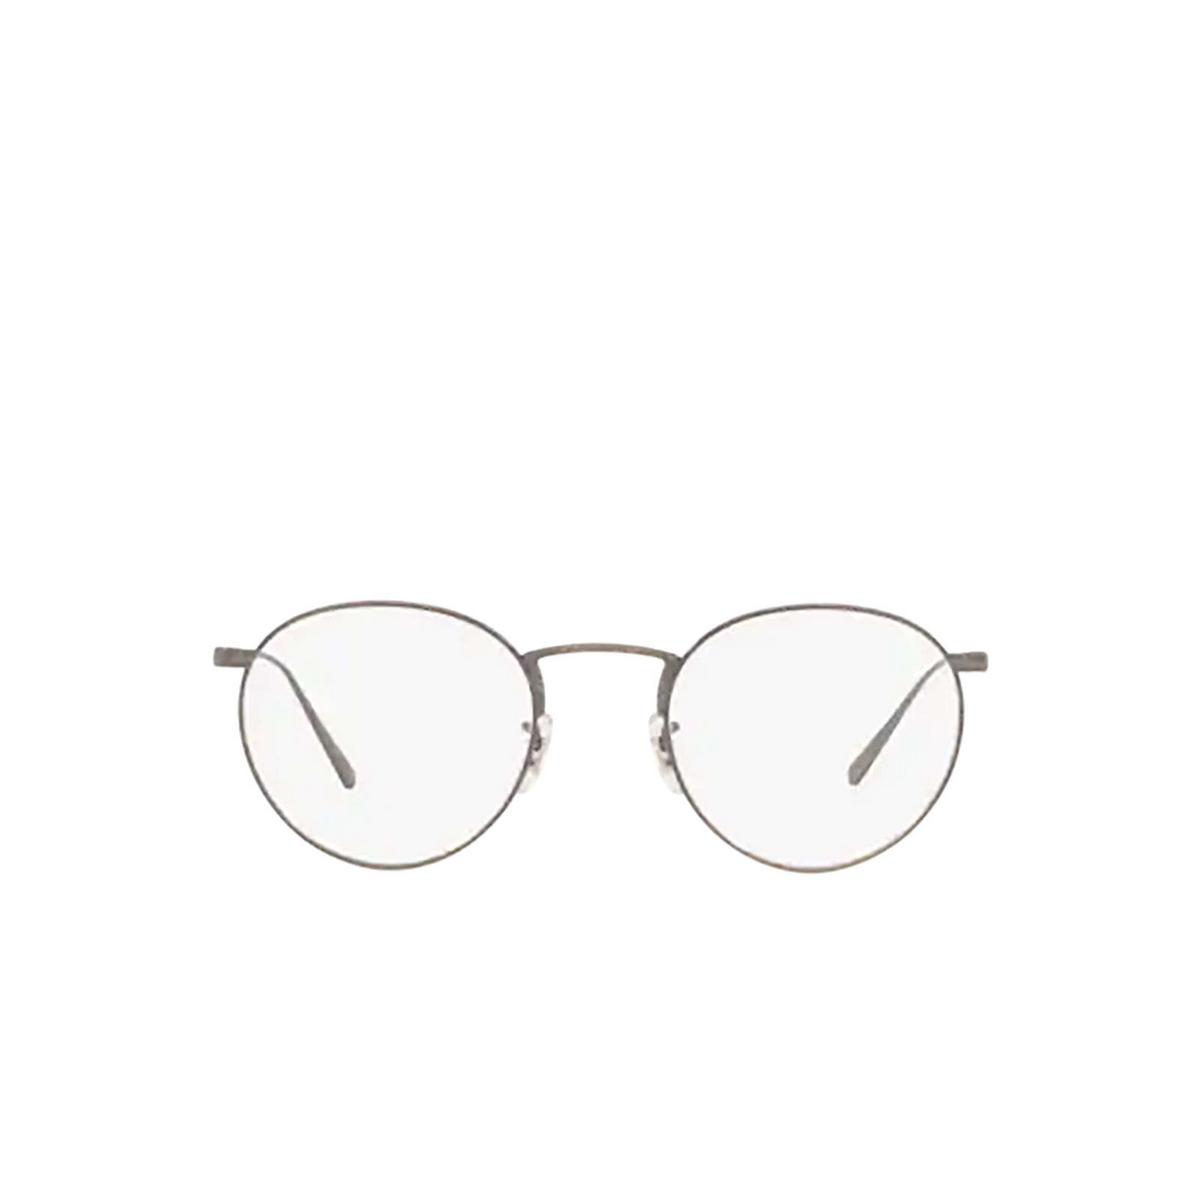 Oliver Peoples® Round Eyeglasses: Lain OV1259T color Pewter 5076.